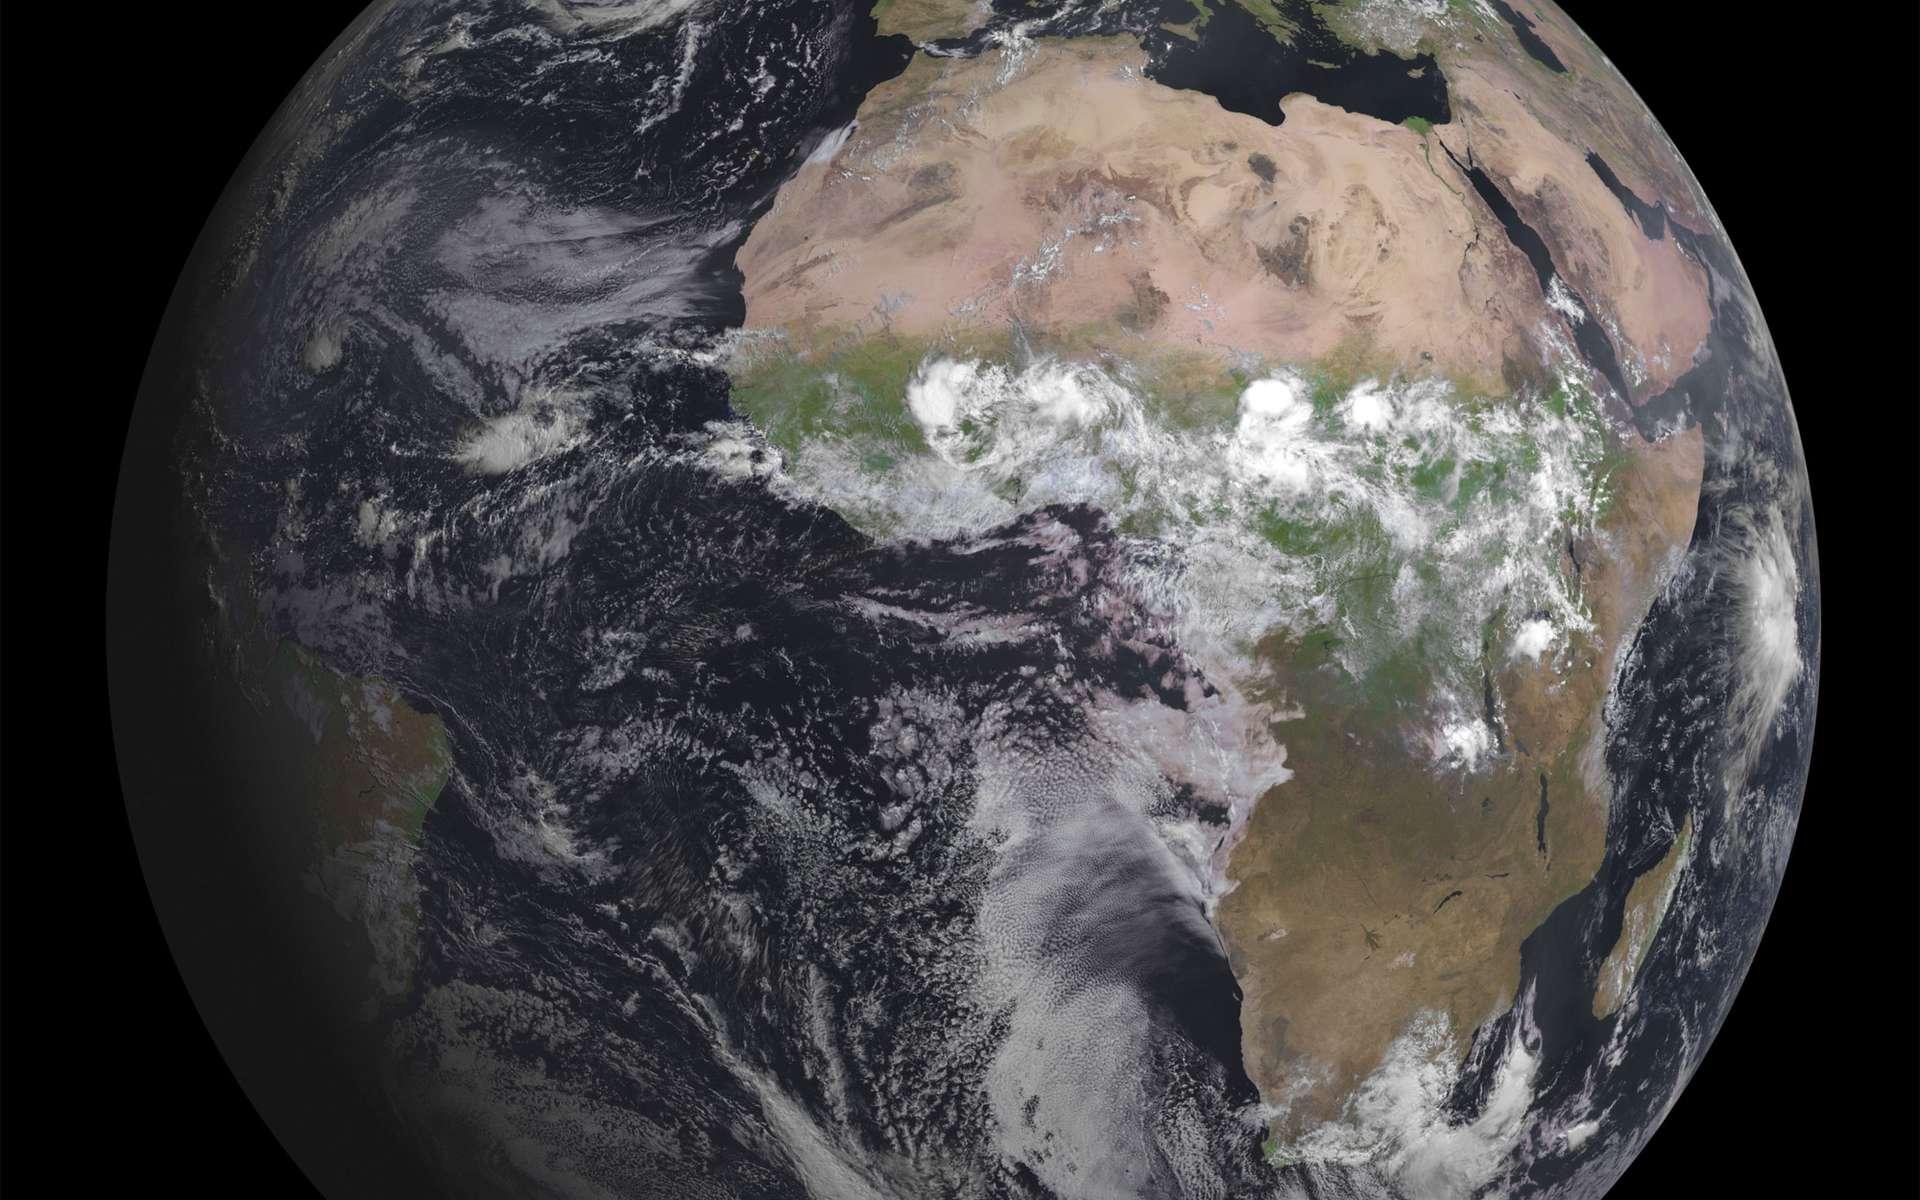 Cette première image du troisième satellite Meteosat de seconde génération montre que Seviri, l'instrument principal, fonctionne parfaitement. Lorsqu'il sera pleinement déployé, il balaiera la surface de la Terre et l'atmosphère toutes les 15 minutes dans 12 longueurs d'onde différentes, afin de suivre le développement des nuages et du temps qu'il fera les heures suivantes. © Eumetsat